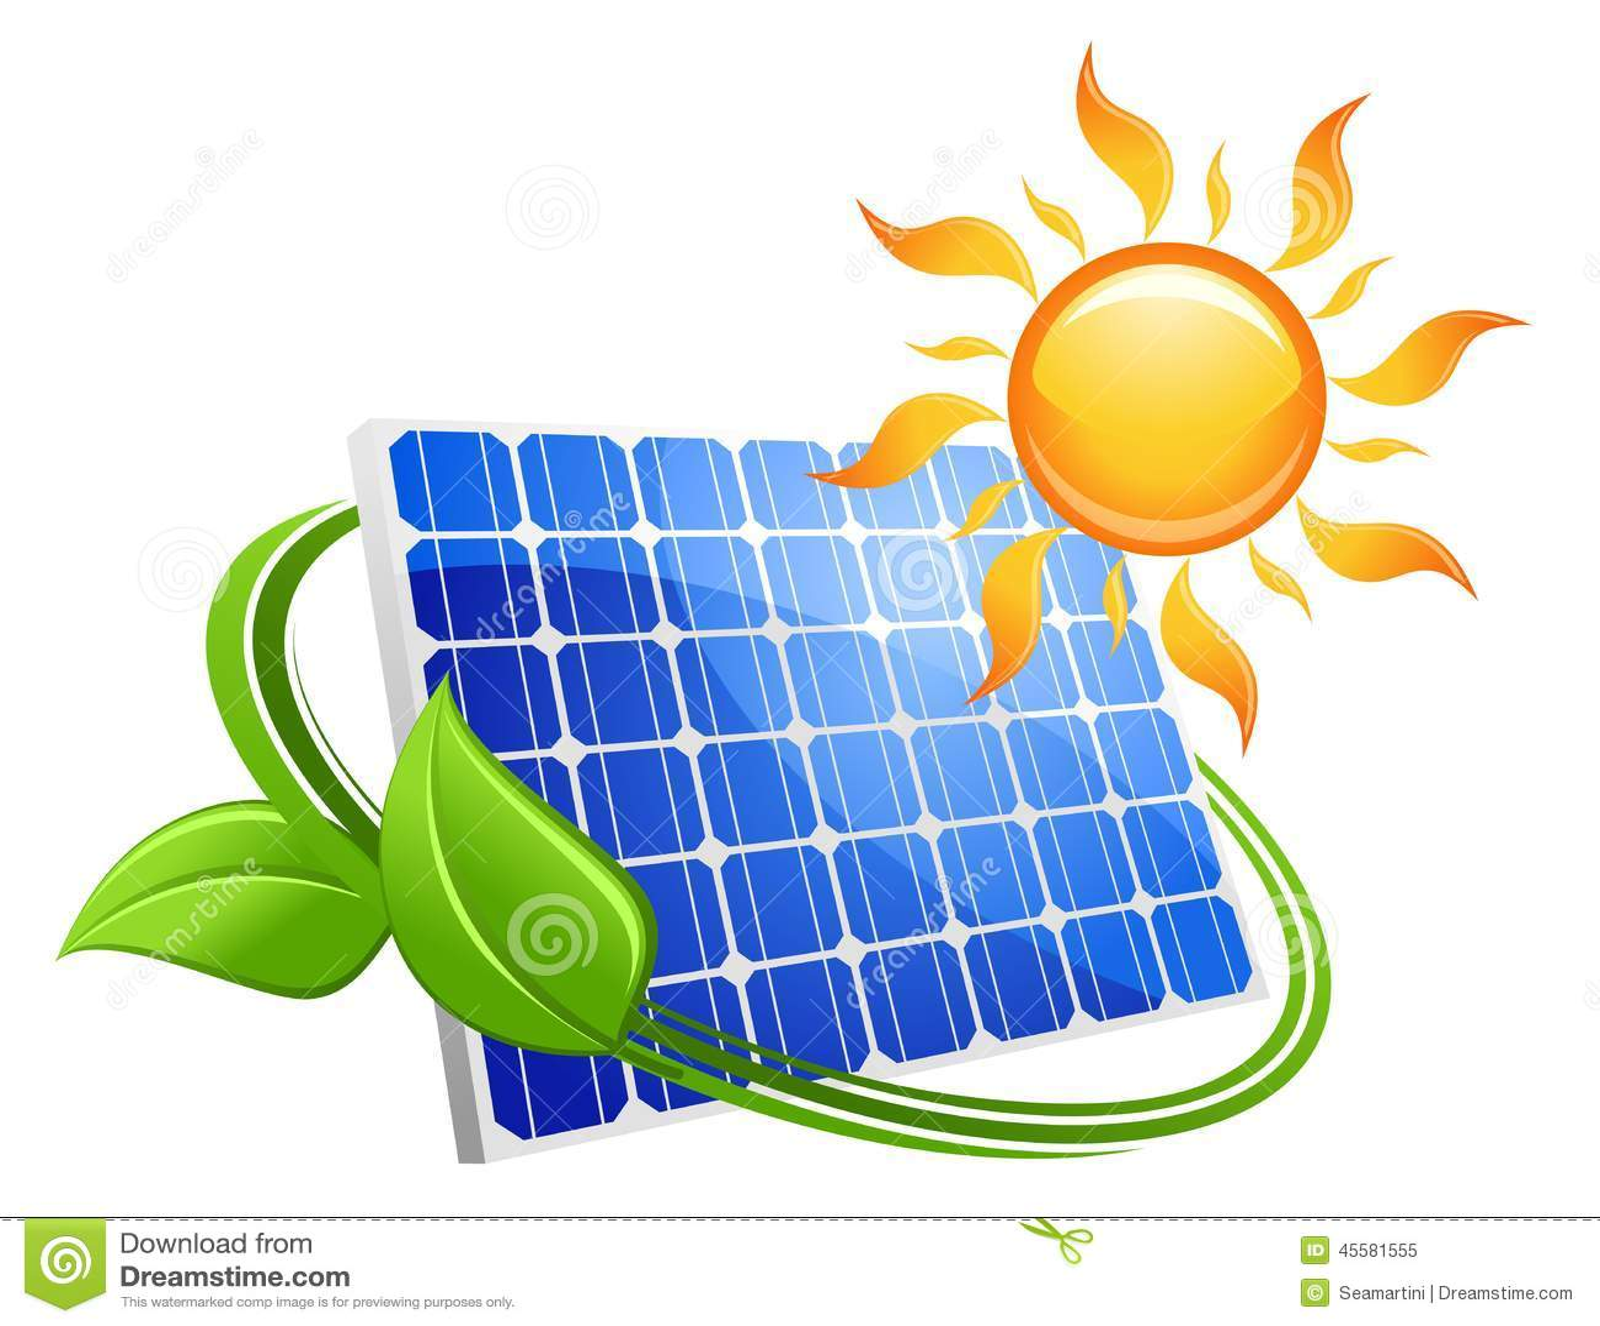 Conservacion de la energia yahoo dating 9